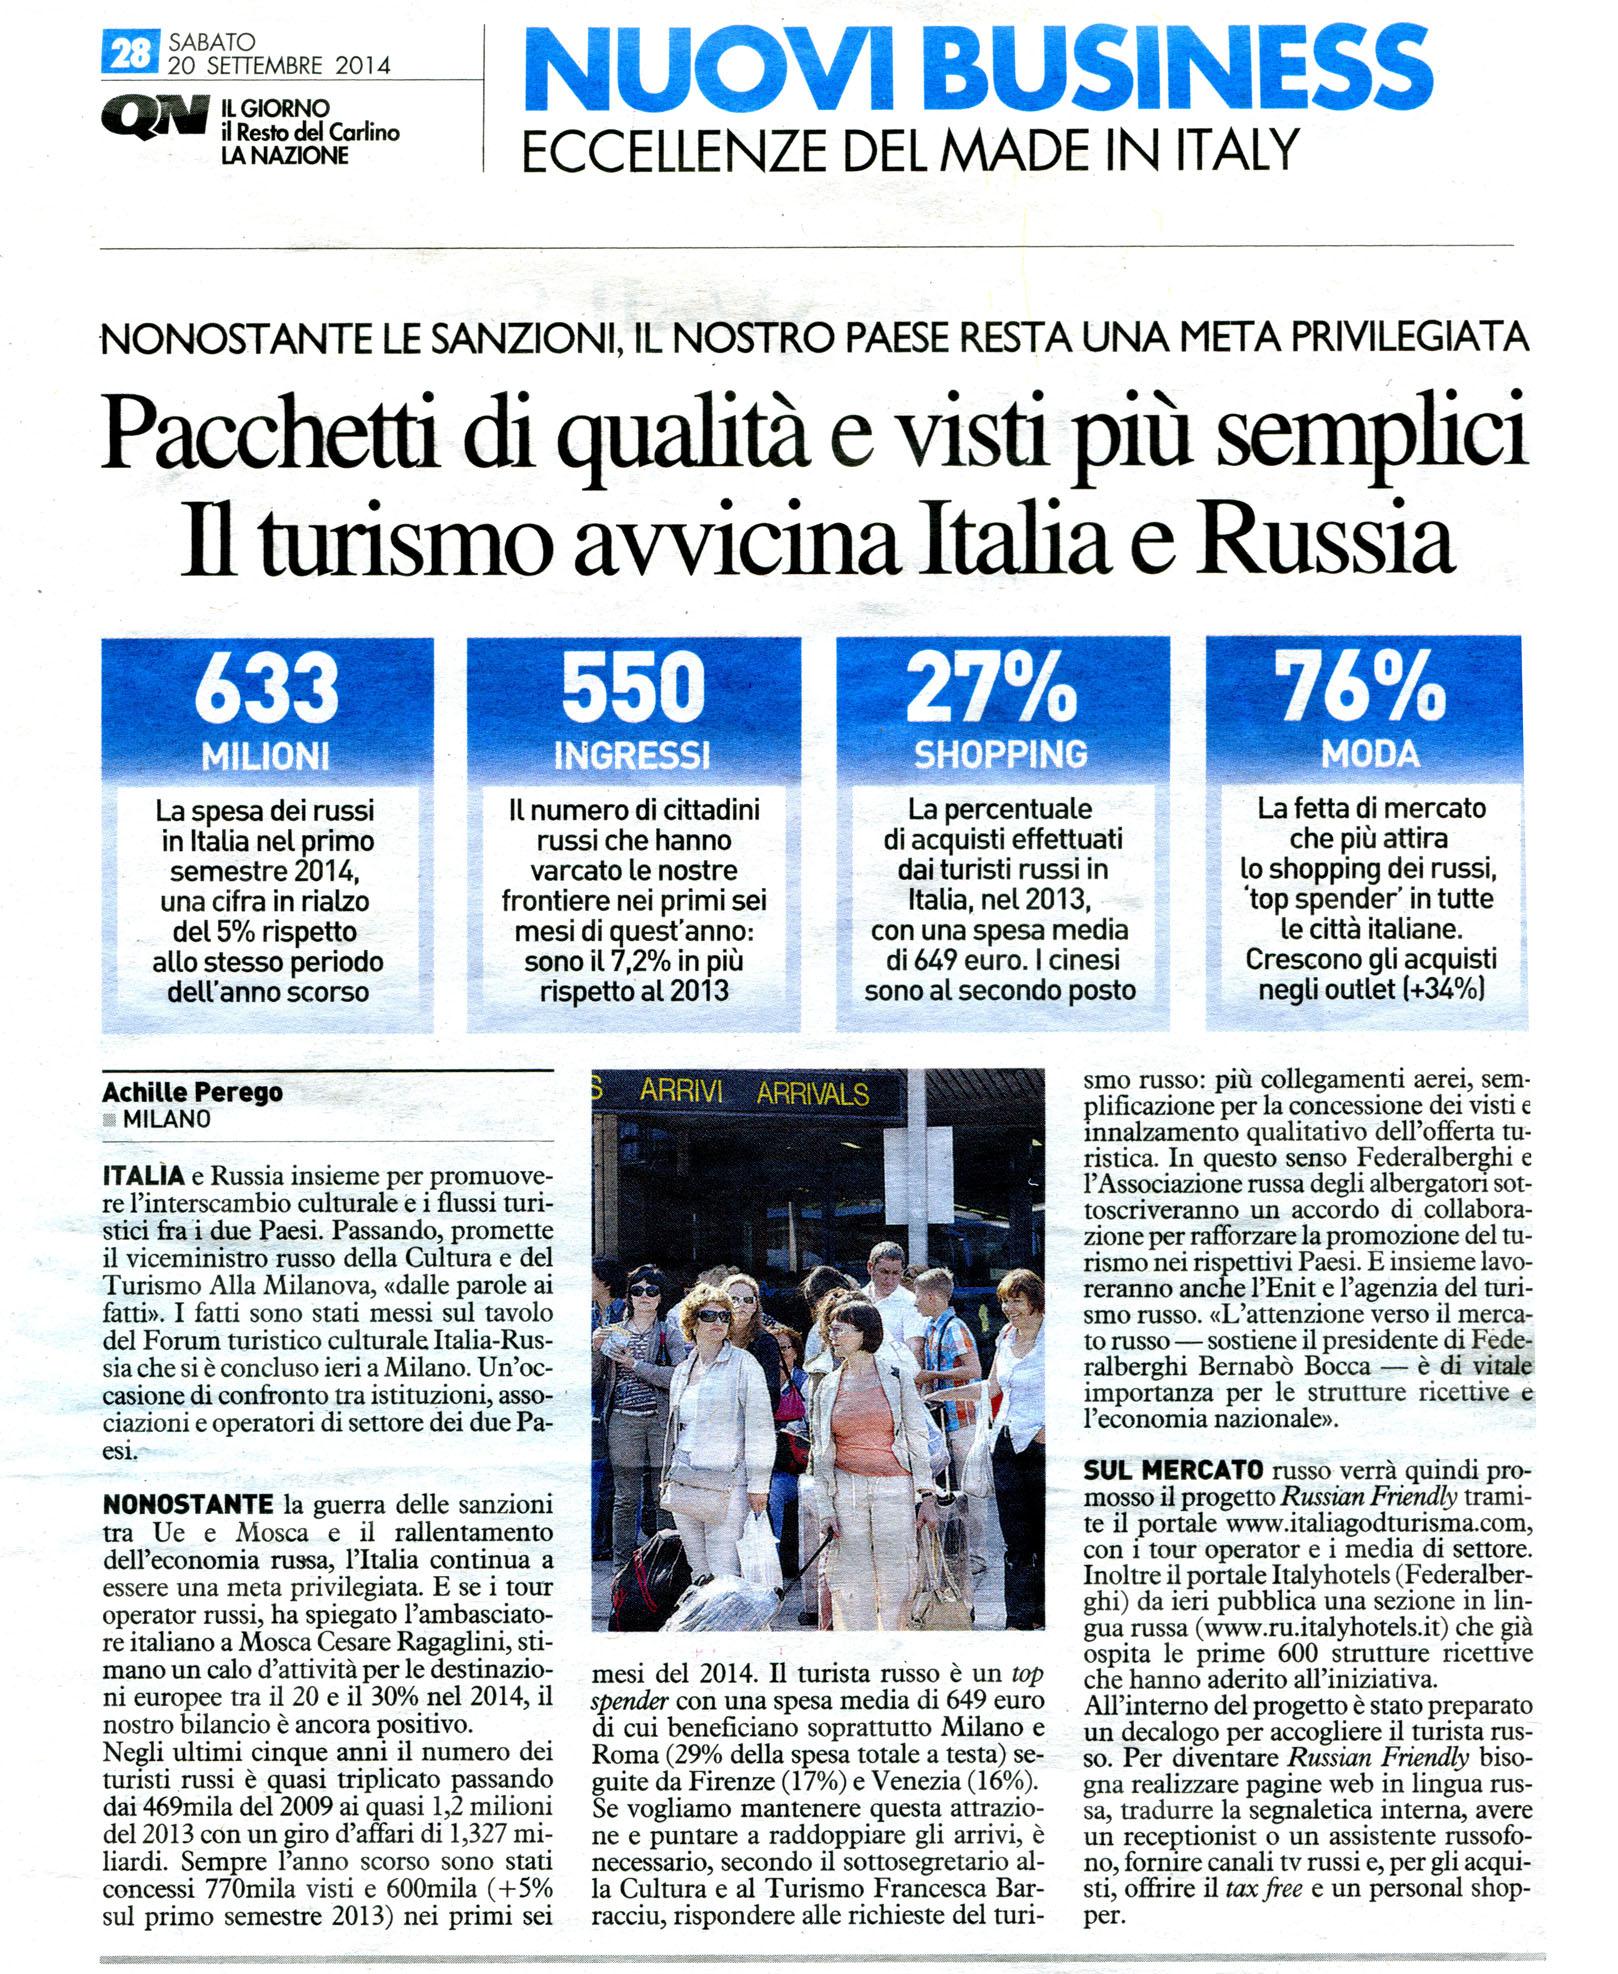 PACCHETTI DI QUALITA E VISTI PIU SEMPLICI. IL TURISMO AVVICINA ITALIA E RUSSIA.